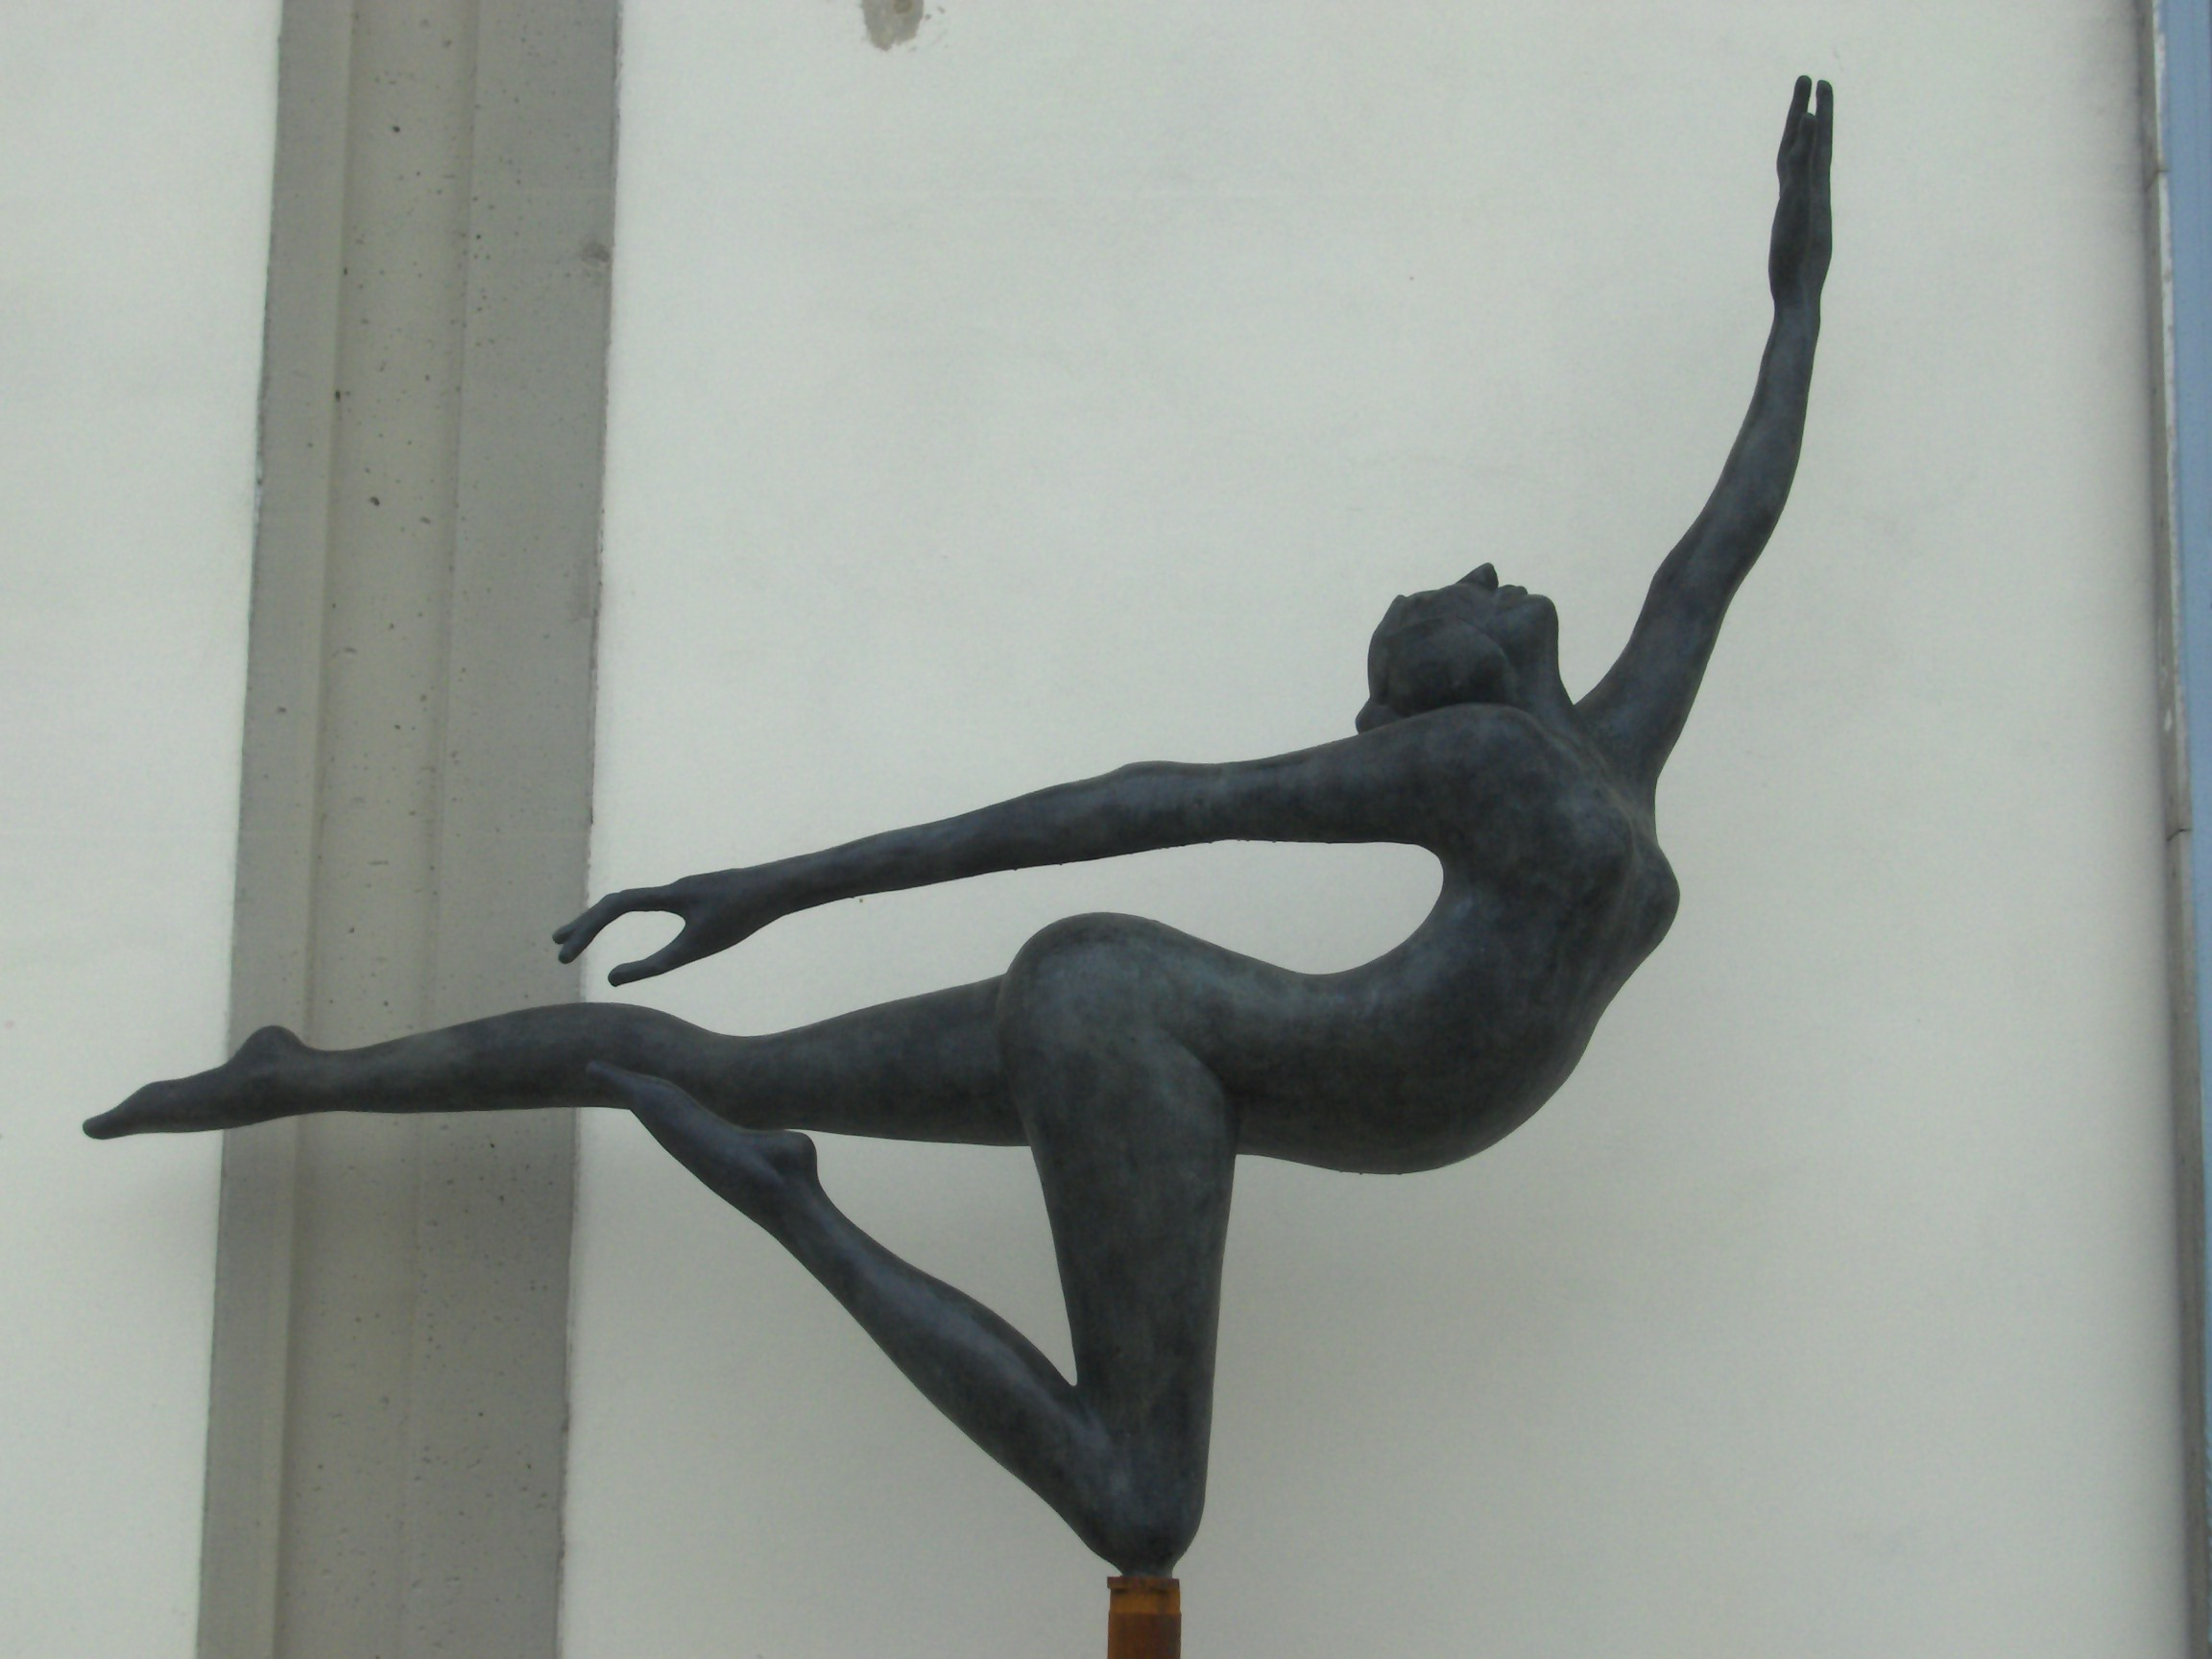 Manzi Antonio - Ballerina 2 h. cm. 200, installata a Lastra a Signa (FI)